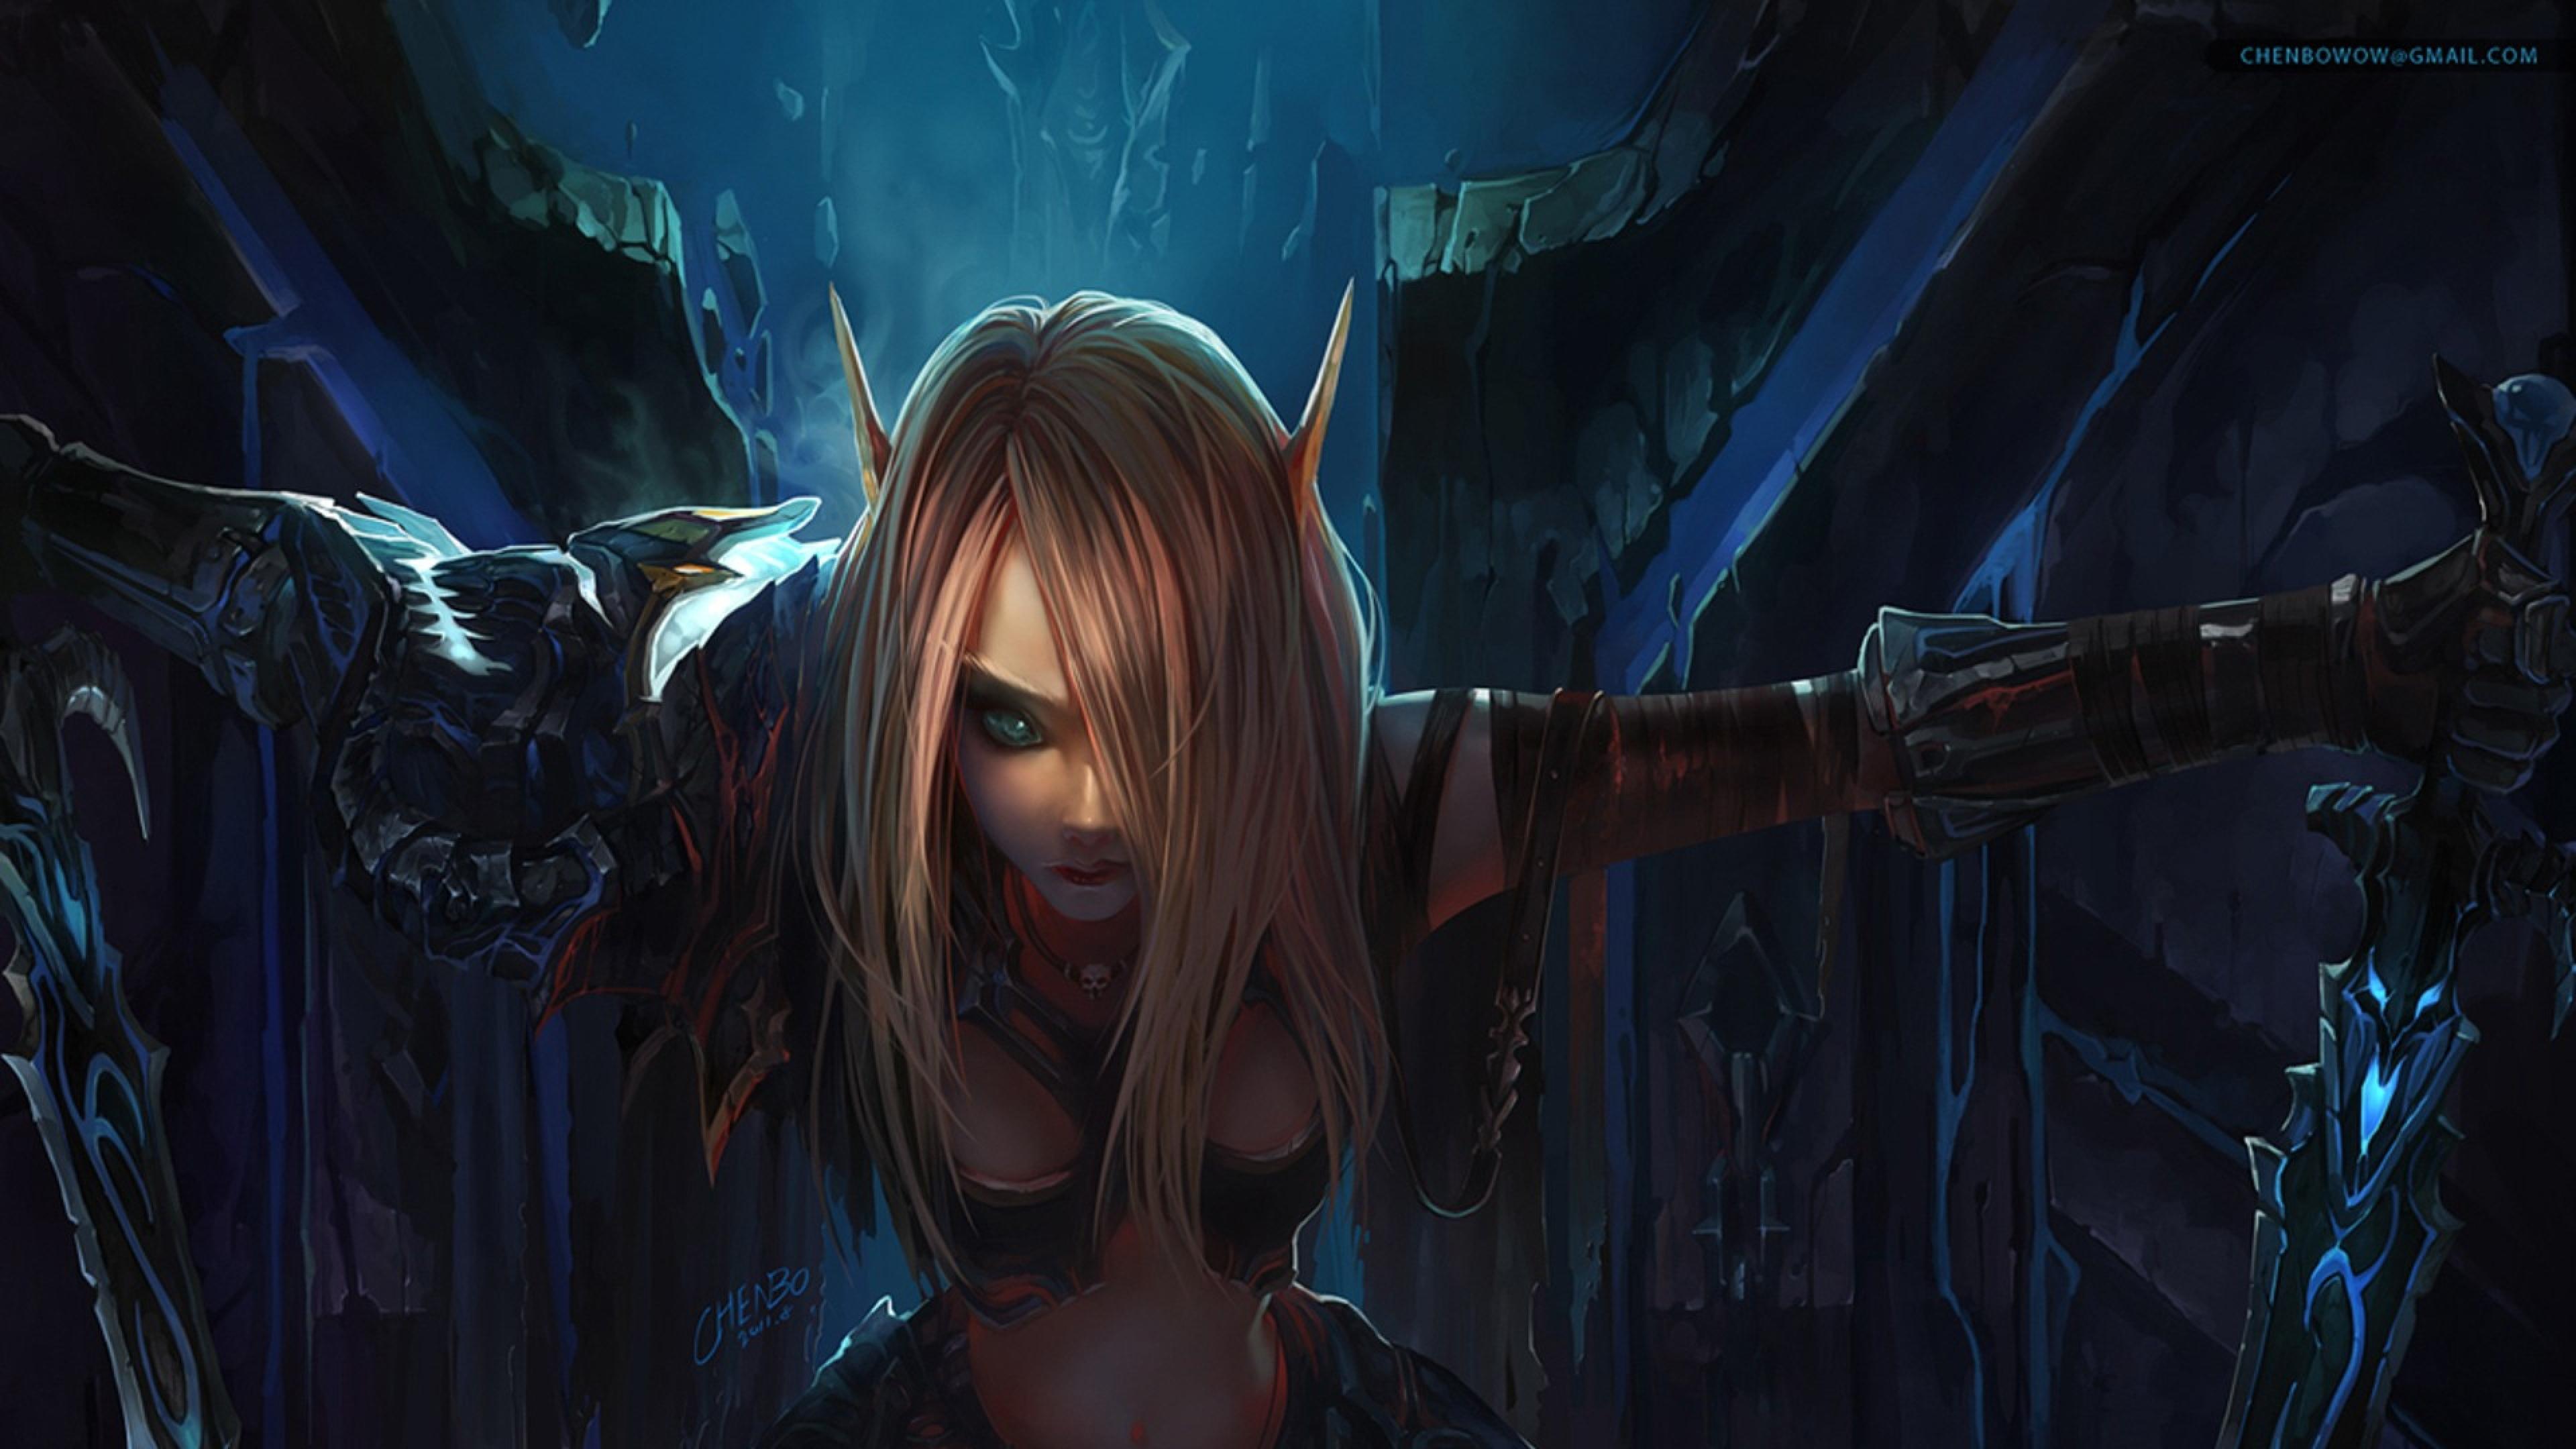 50 World Of Warcraft Wallpaper 4k On Wallpapersafari